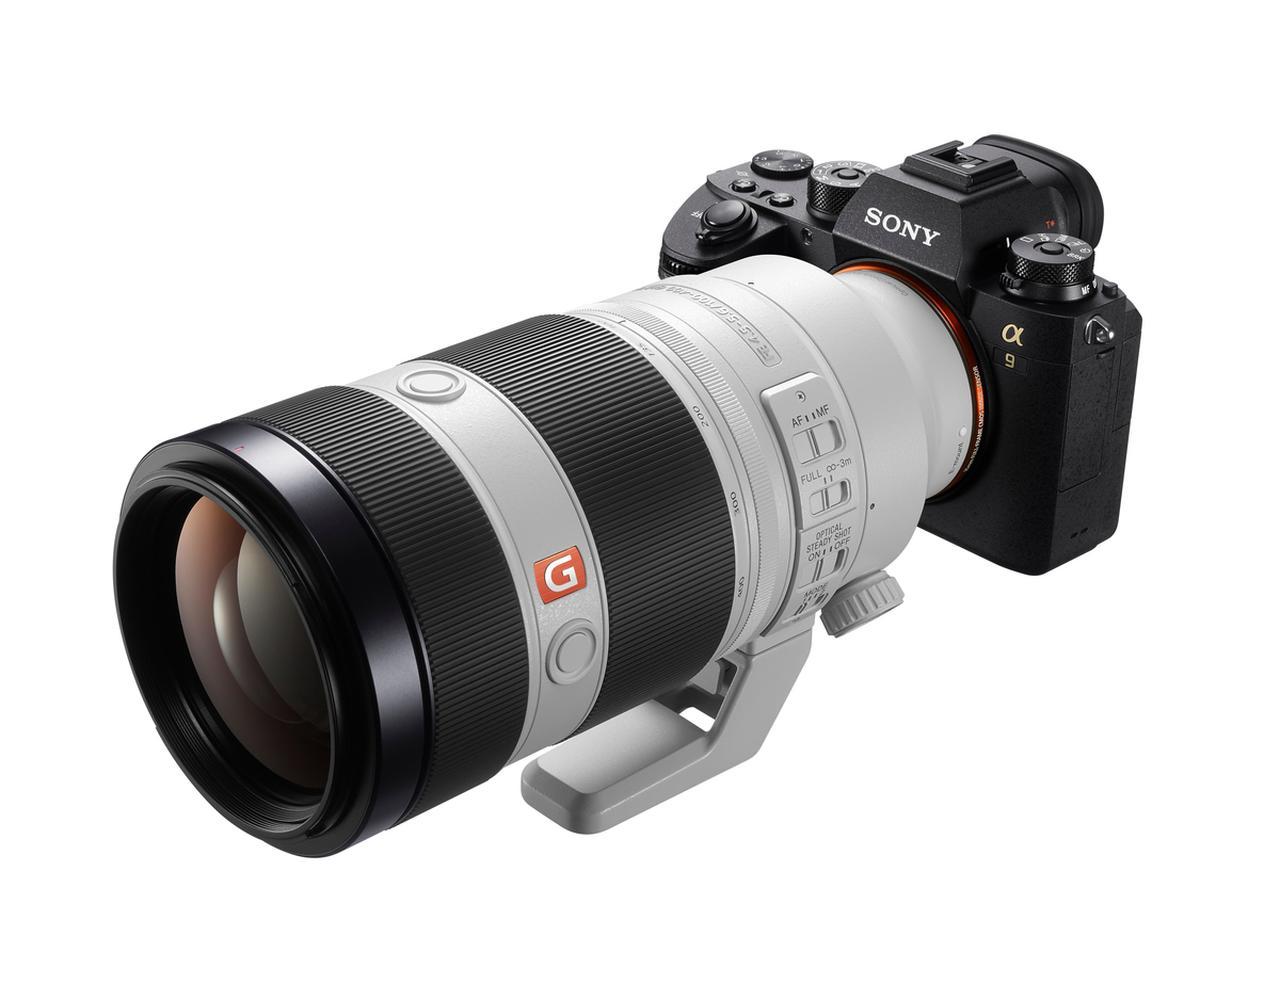 画像: ▲撮影機材はα9+FE 100-400㎜ F4.5-5.6 GM OSS。ミラーレス機は動体撮影に弱いという常識を覆し、高精細な描写力を見せつけてくれた。詳細は写真をクリックしてください。 www.sony.jp